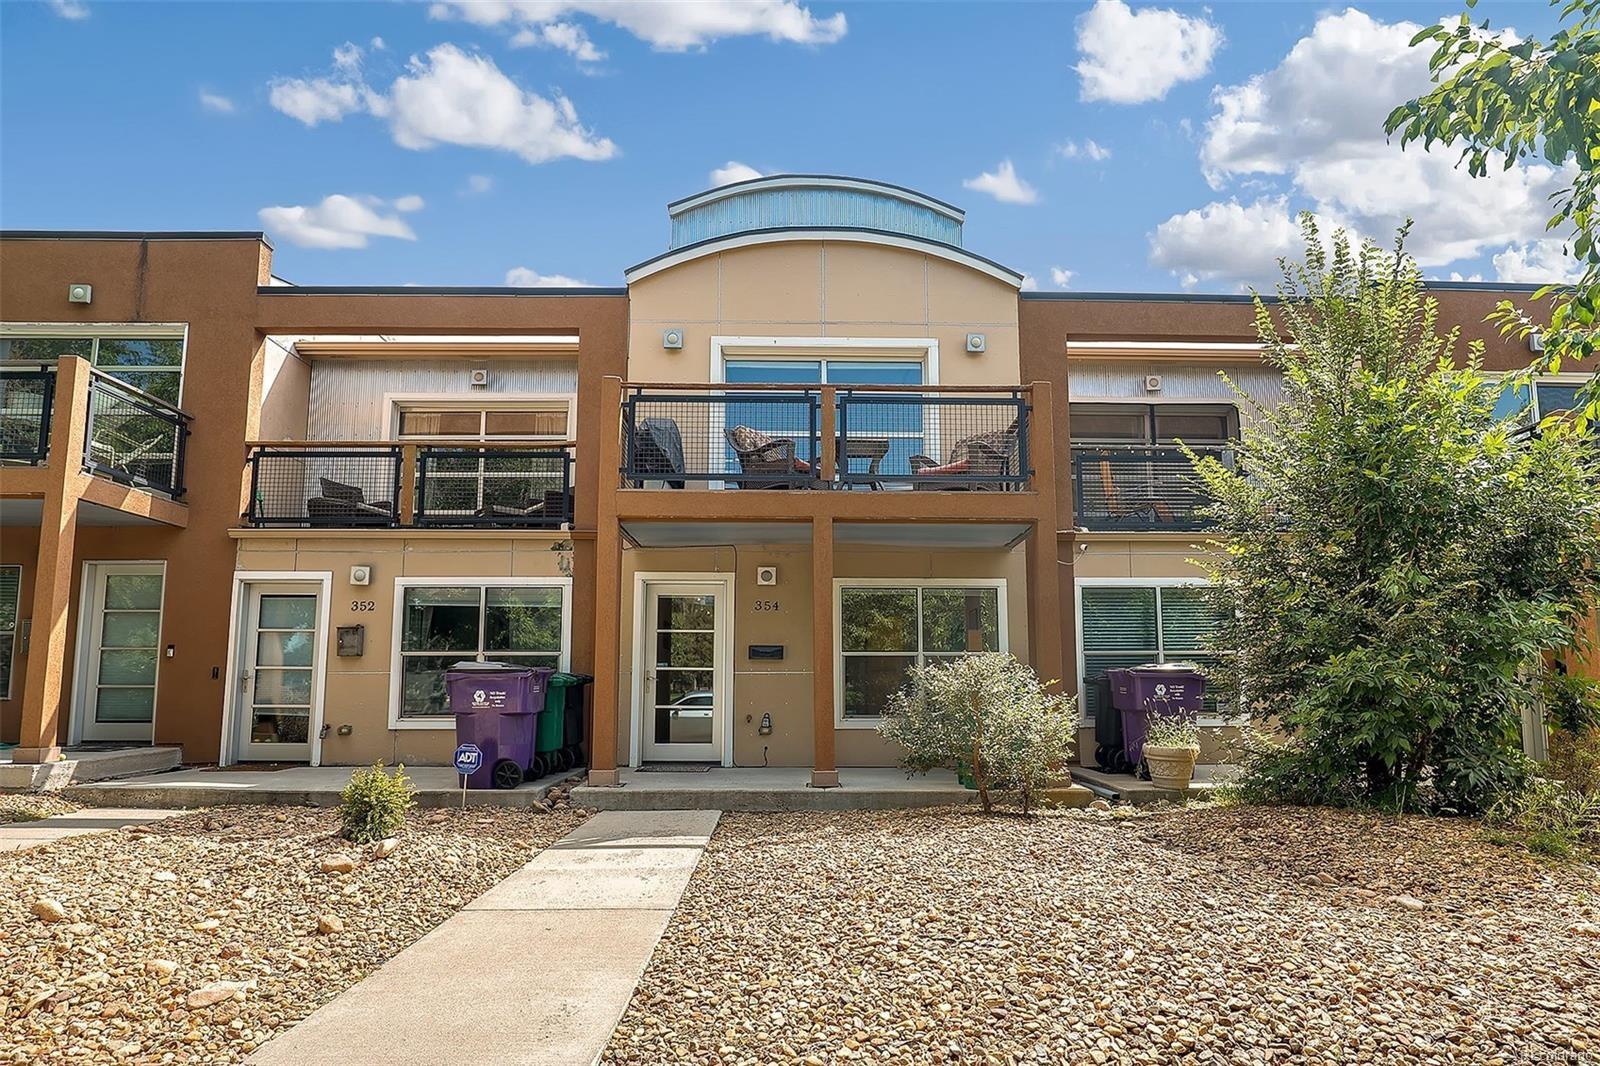 MLS# 4580387 - 1 - 354 W Archer Place, Denver, CO 80223